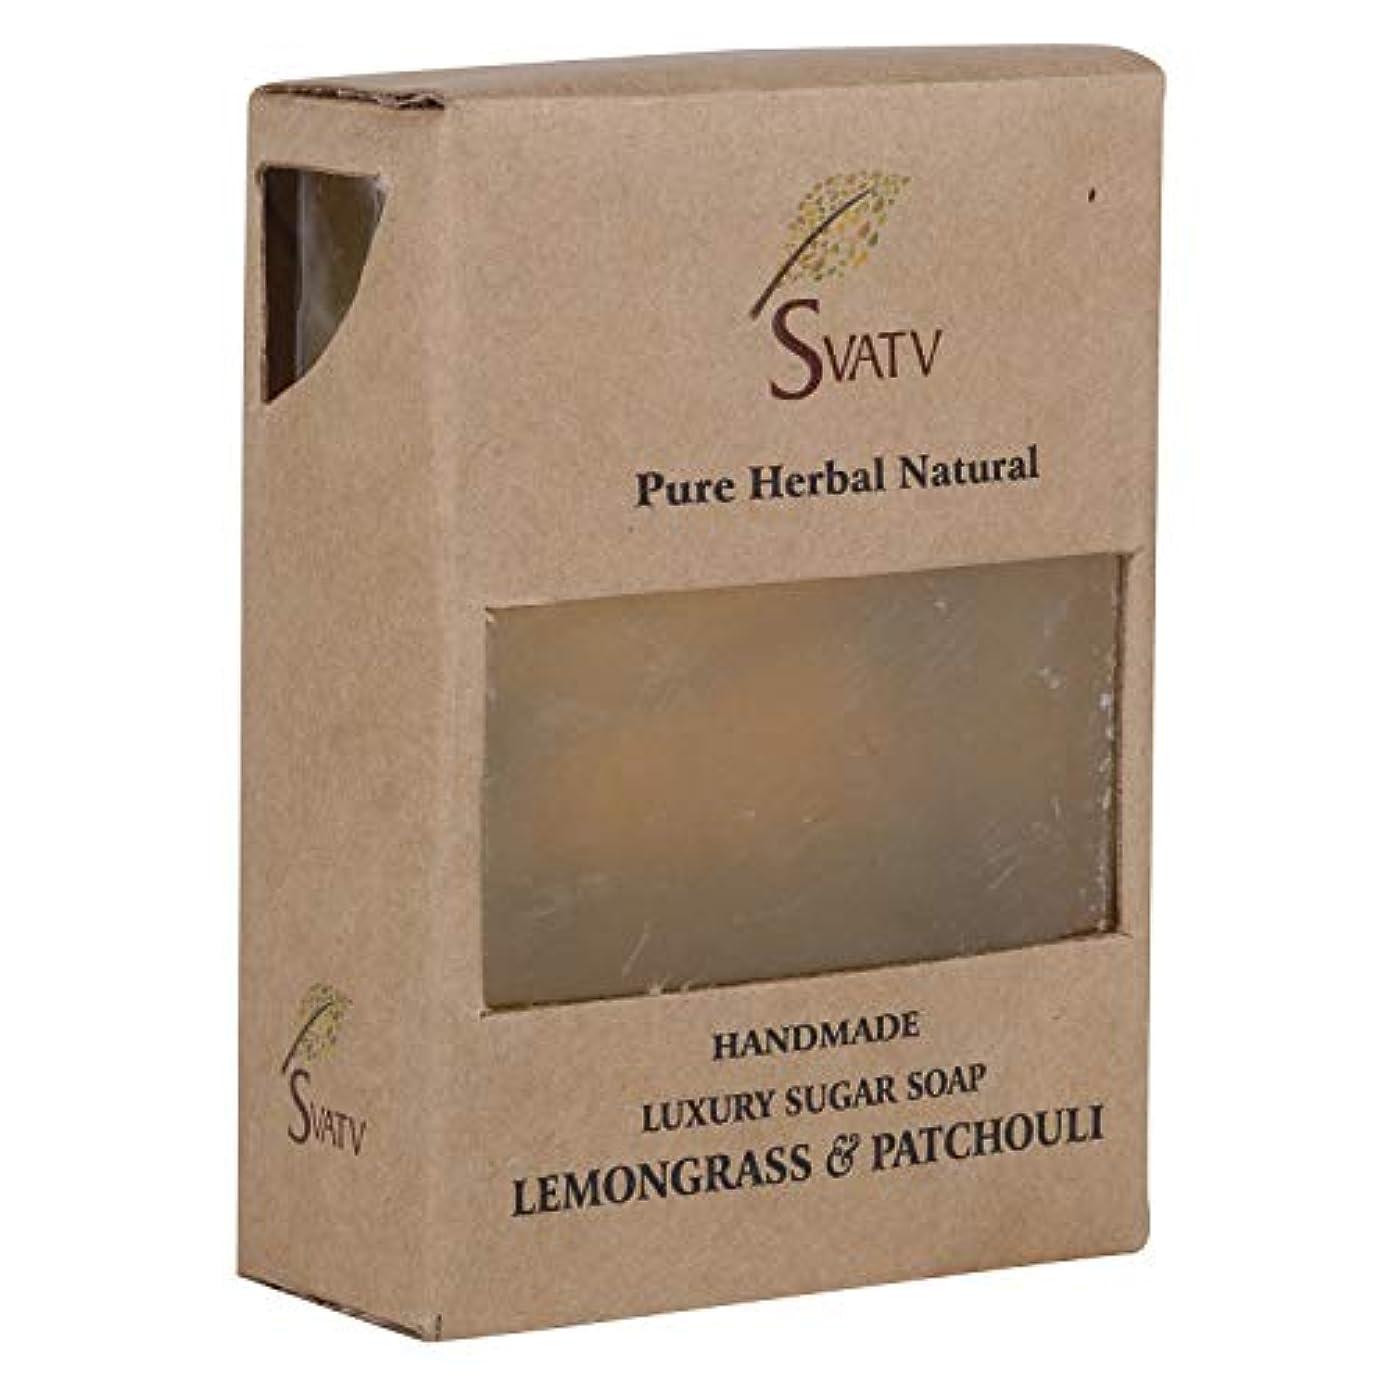 報復する結核うぬぼれSVATV Handmade Luxury Sugar Soap Lemongrass & Patchouli For All Skin types 100g Bar